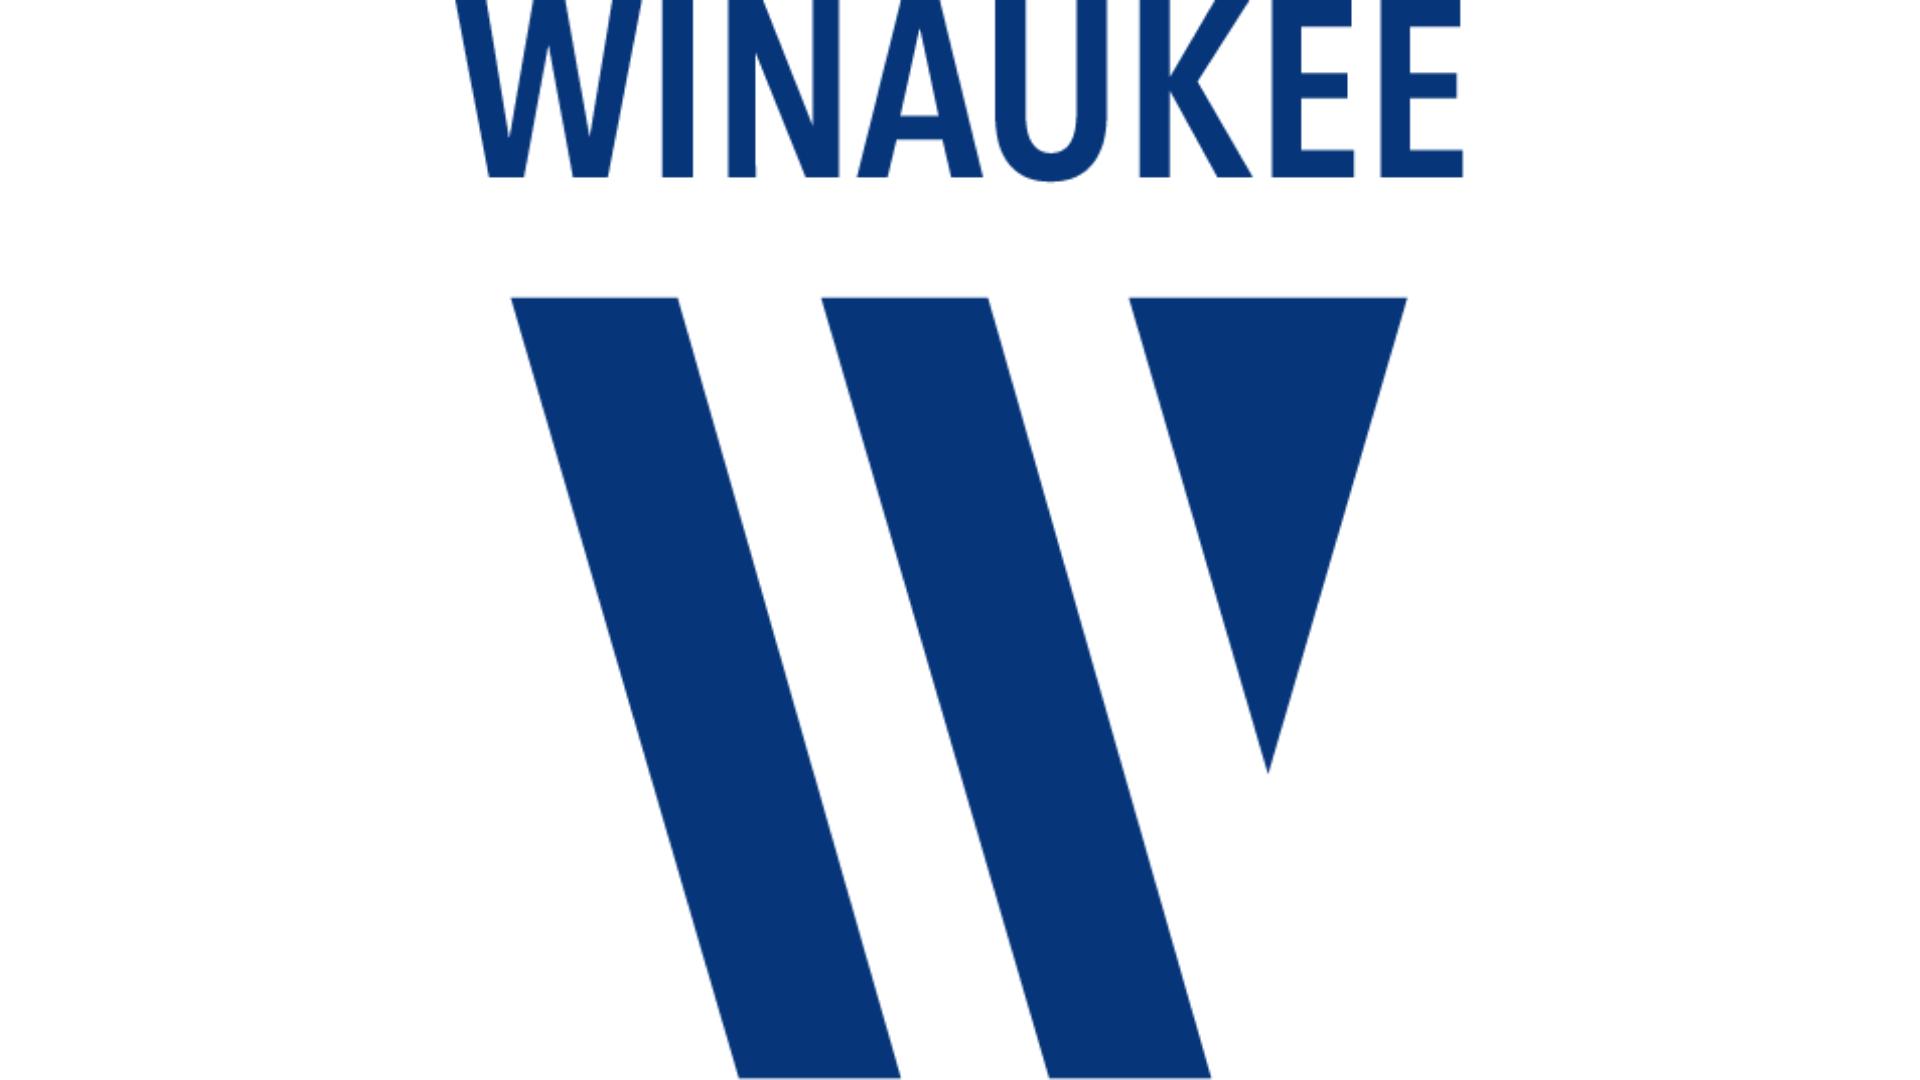 Camp Winaukee